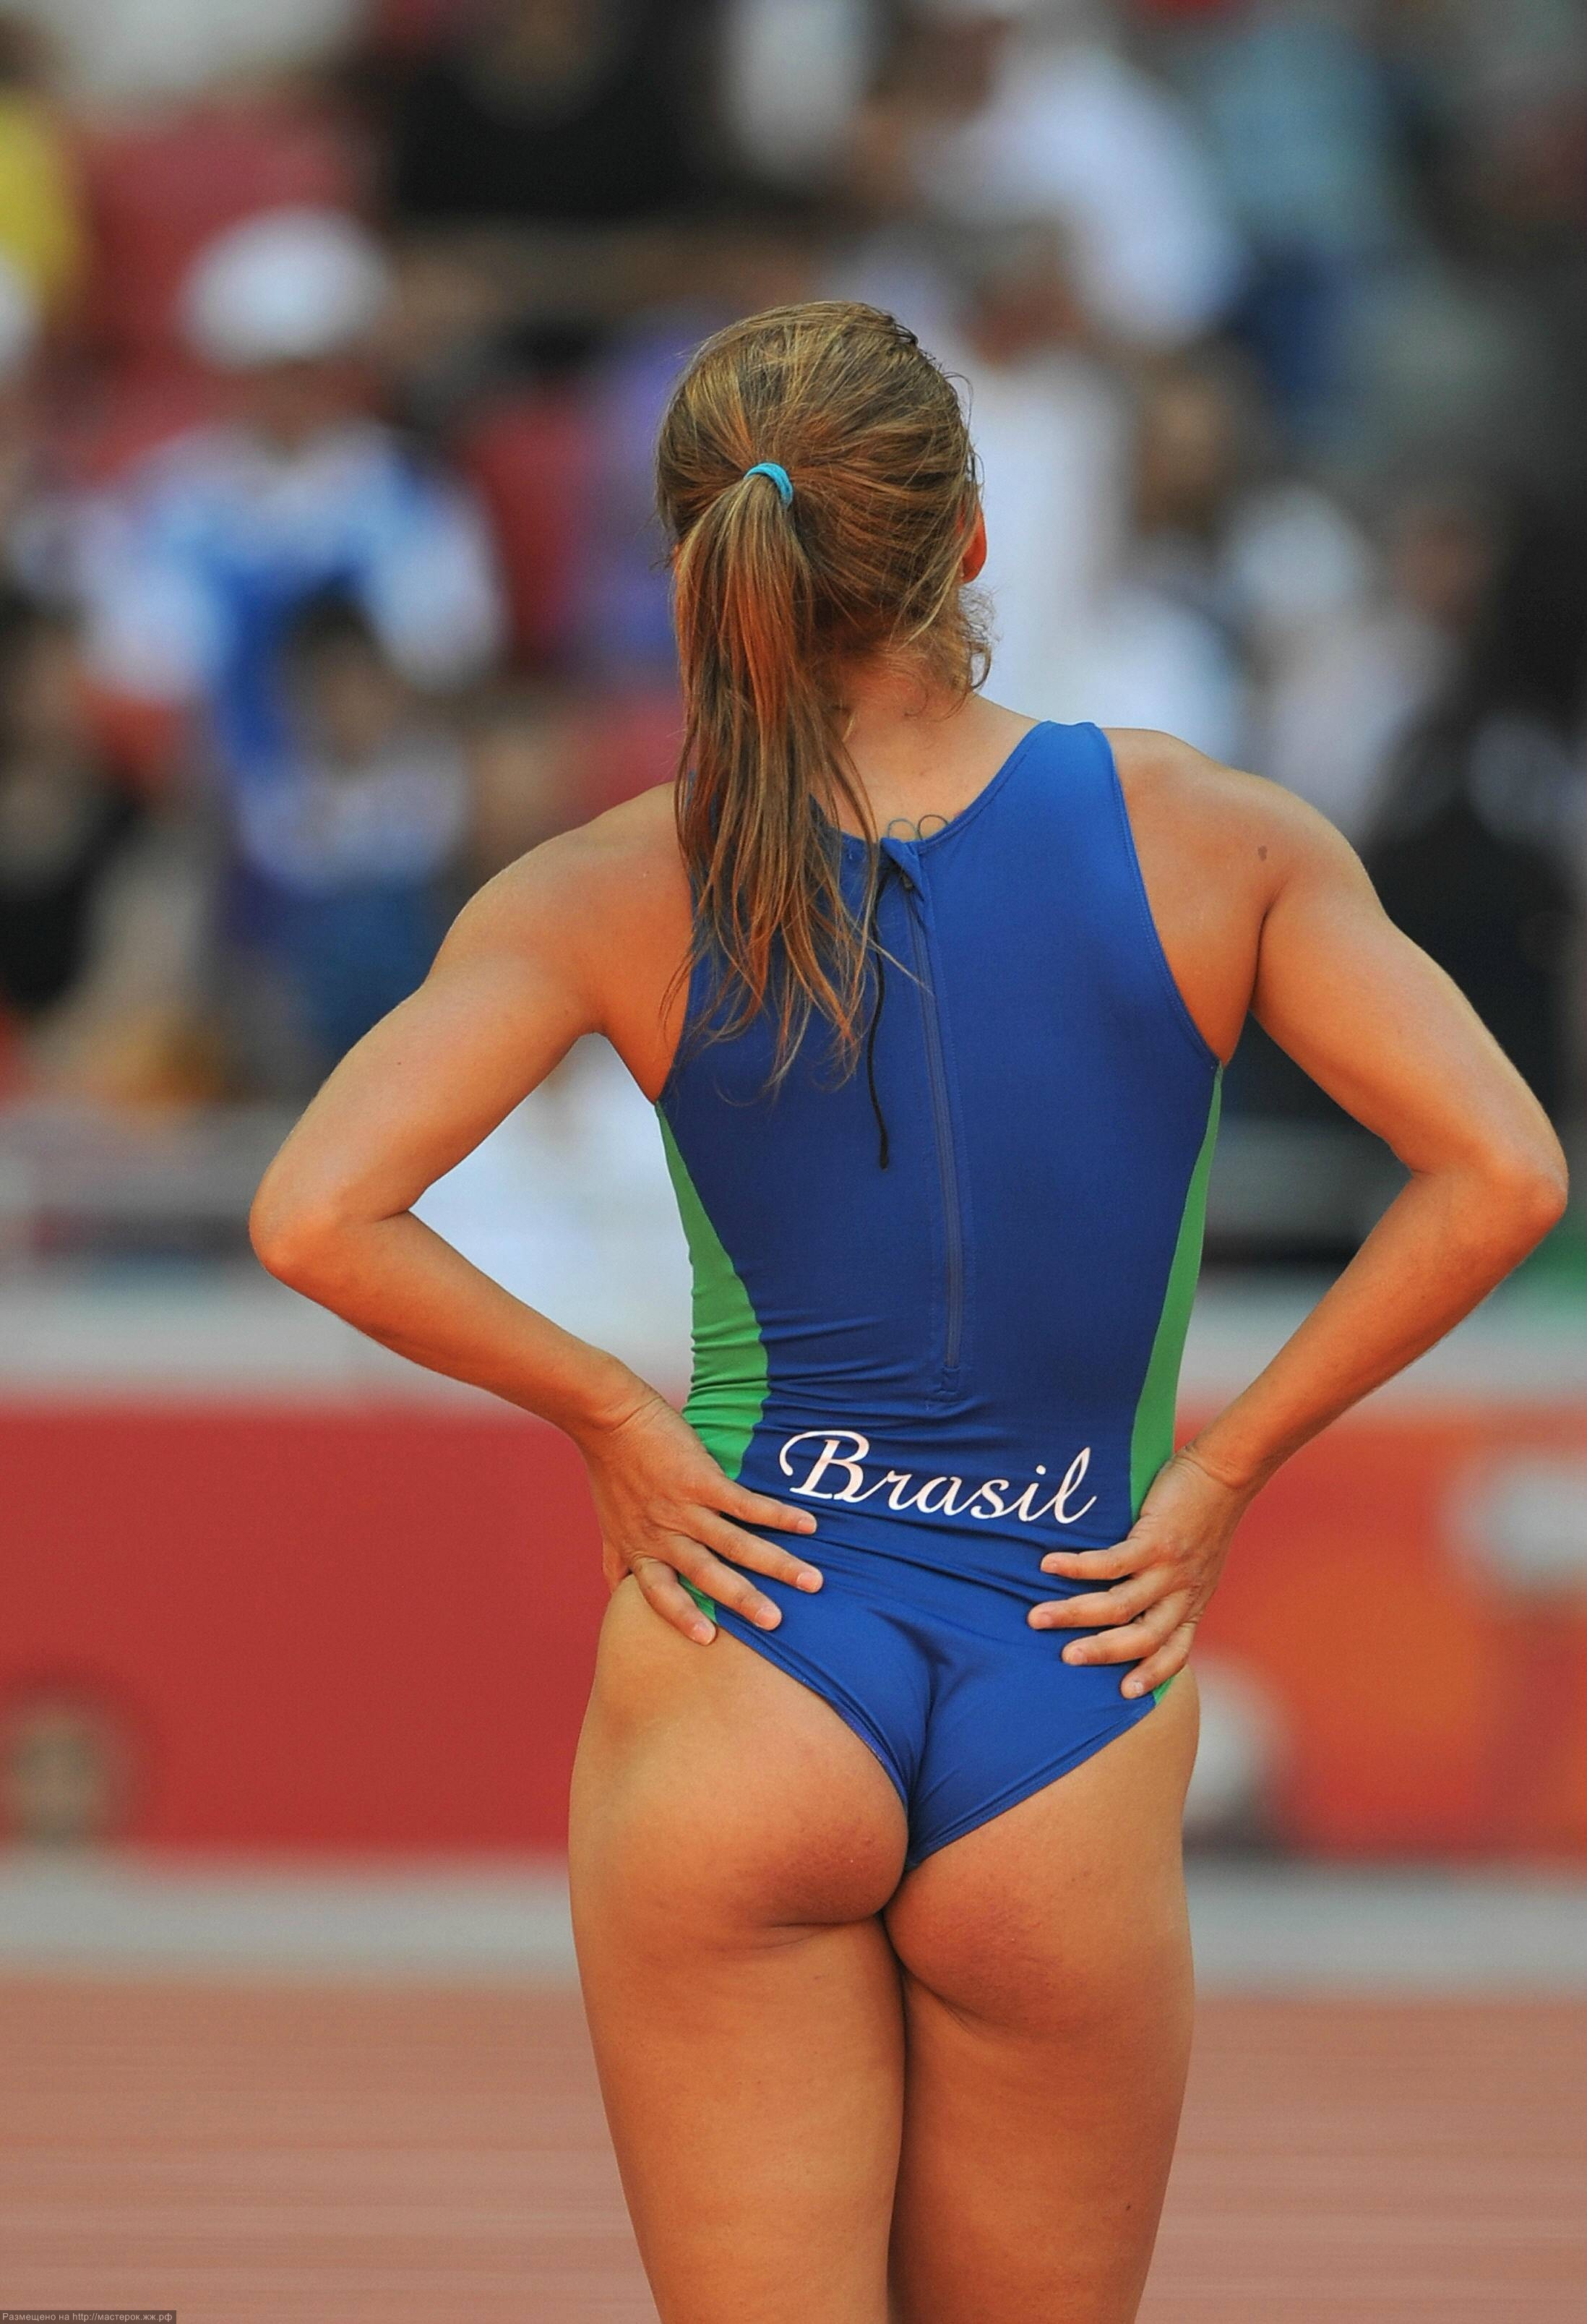 無修正スポーツ女性オマンコ